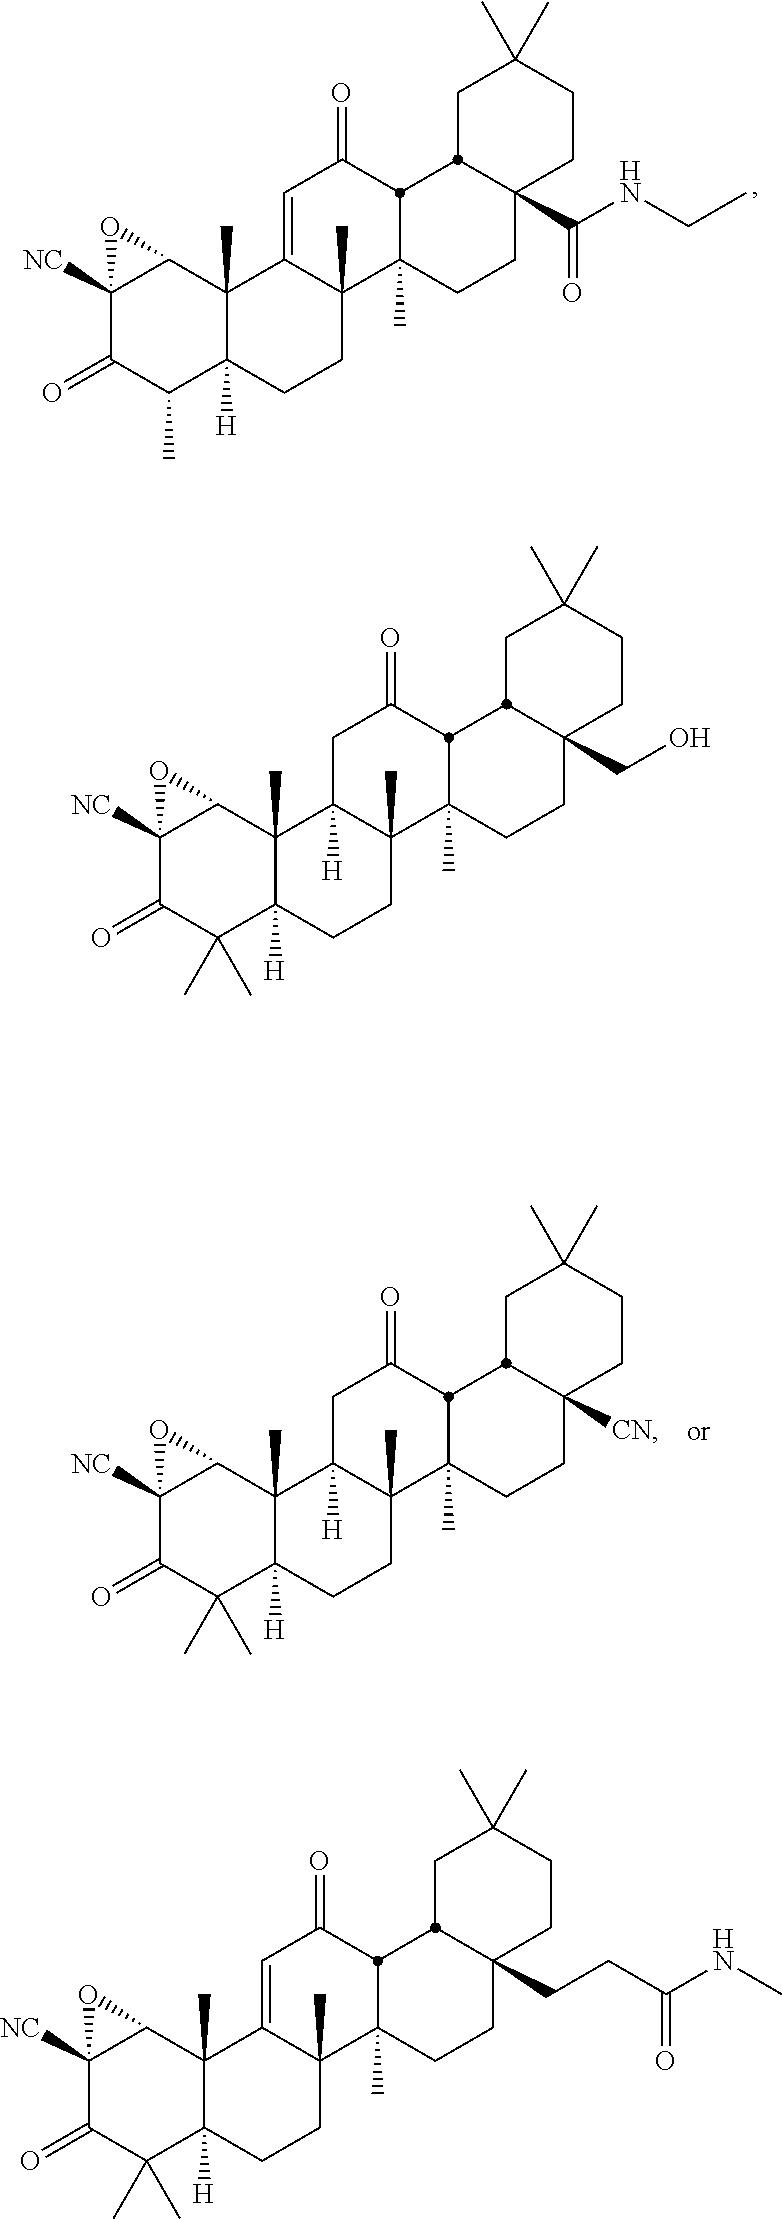 Figure US09556222-20170131-C00009